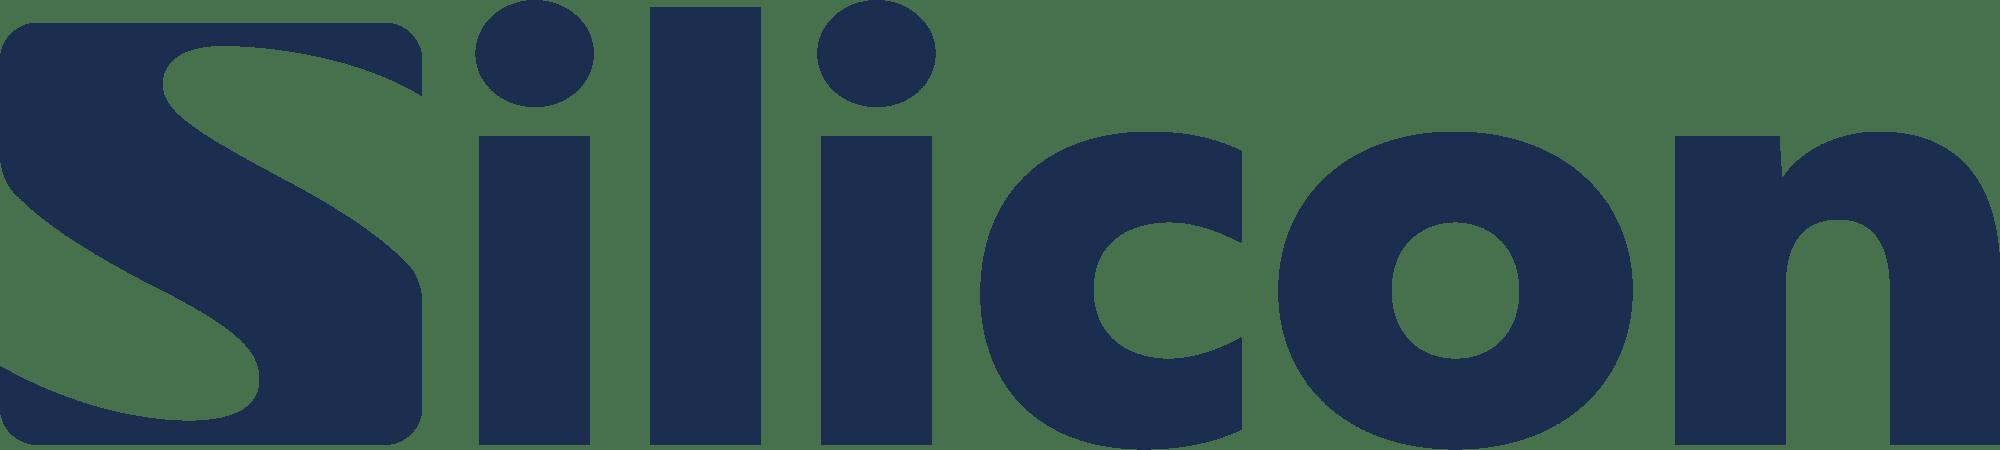 logo_silicon